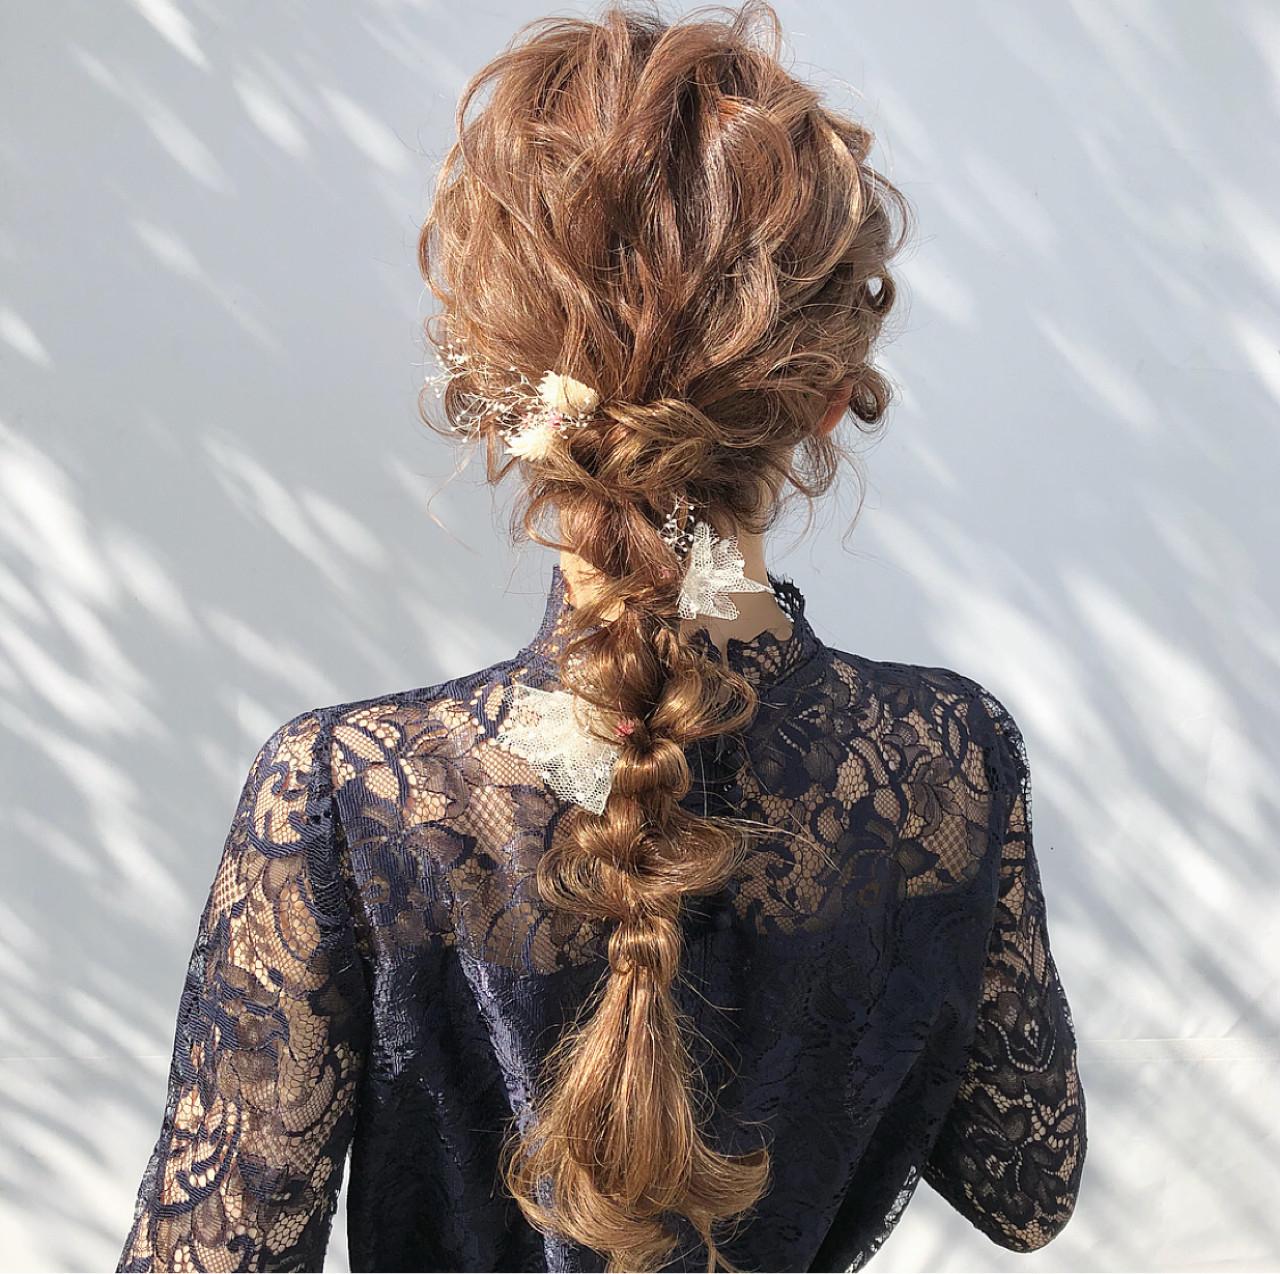 提案:後れ毛を引き出しゴージャスに